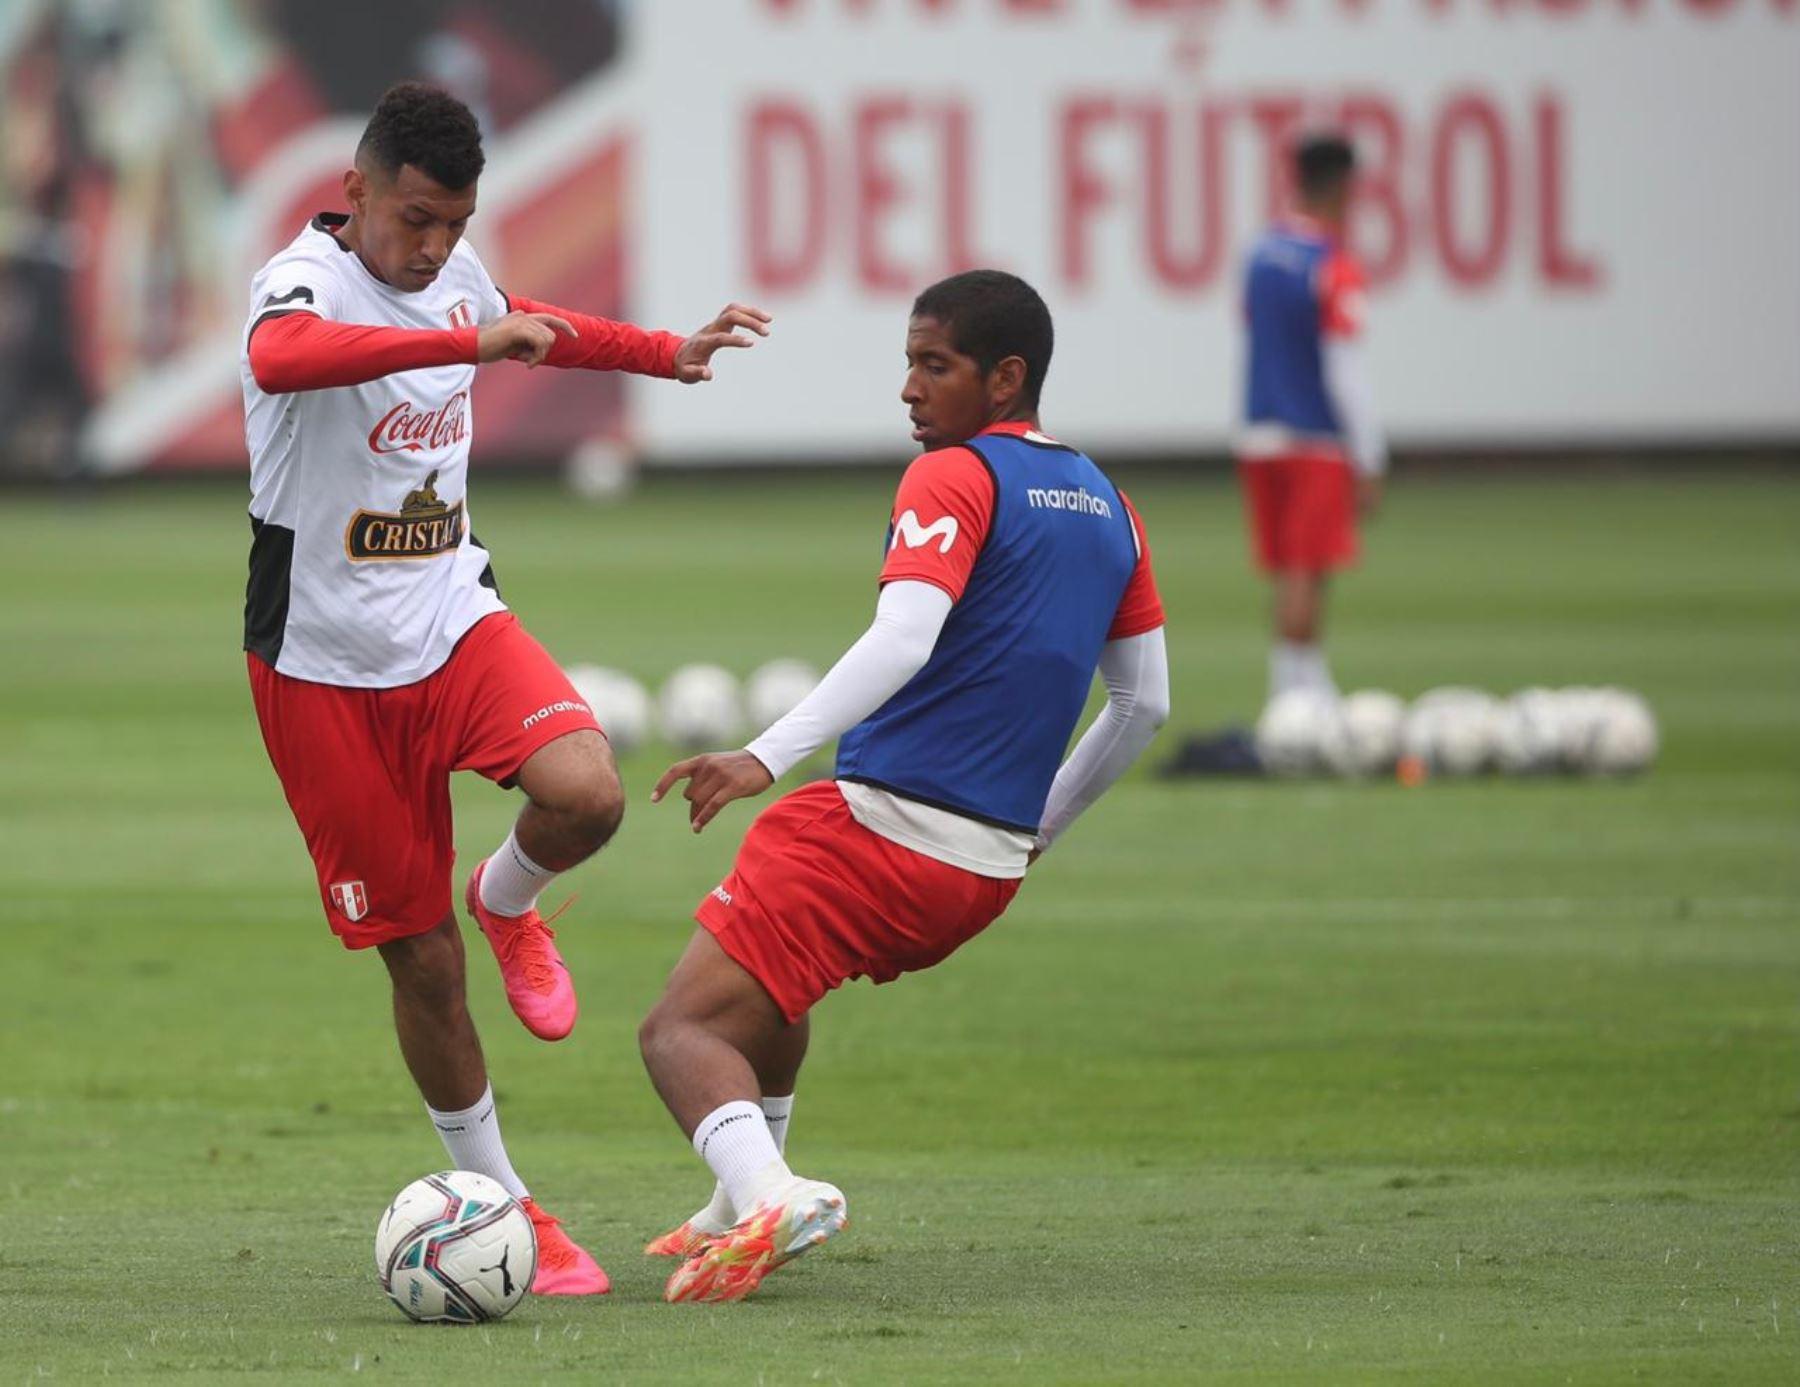 Por segundo día consecutivo, la selección peruana  entrenó en Videna con miras al debut por Clasificatorias ante Paraguay, el próximo 8 de octubre. Foto: @SeleccionPeru